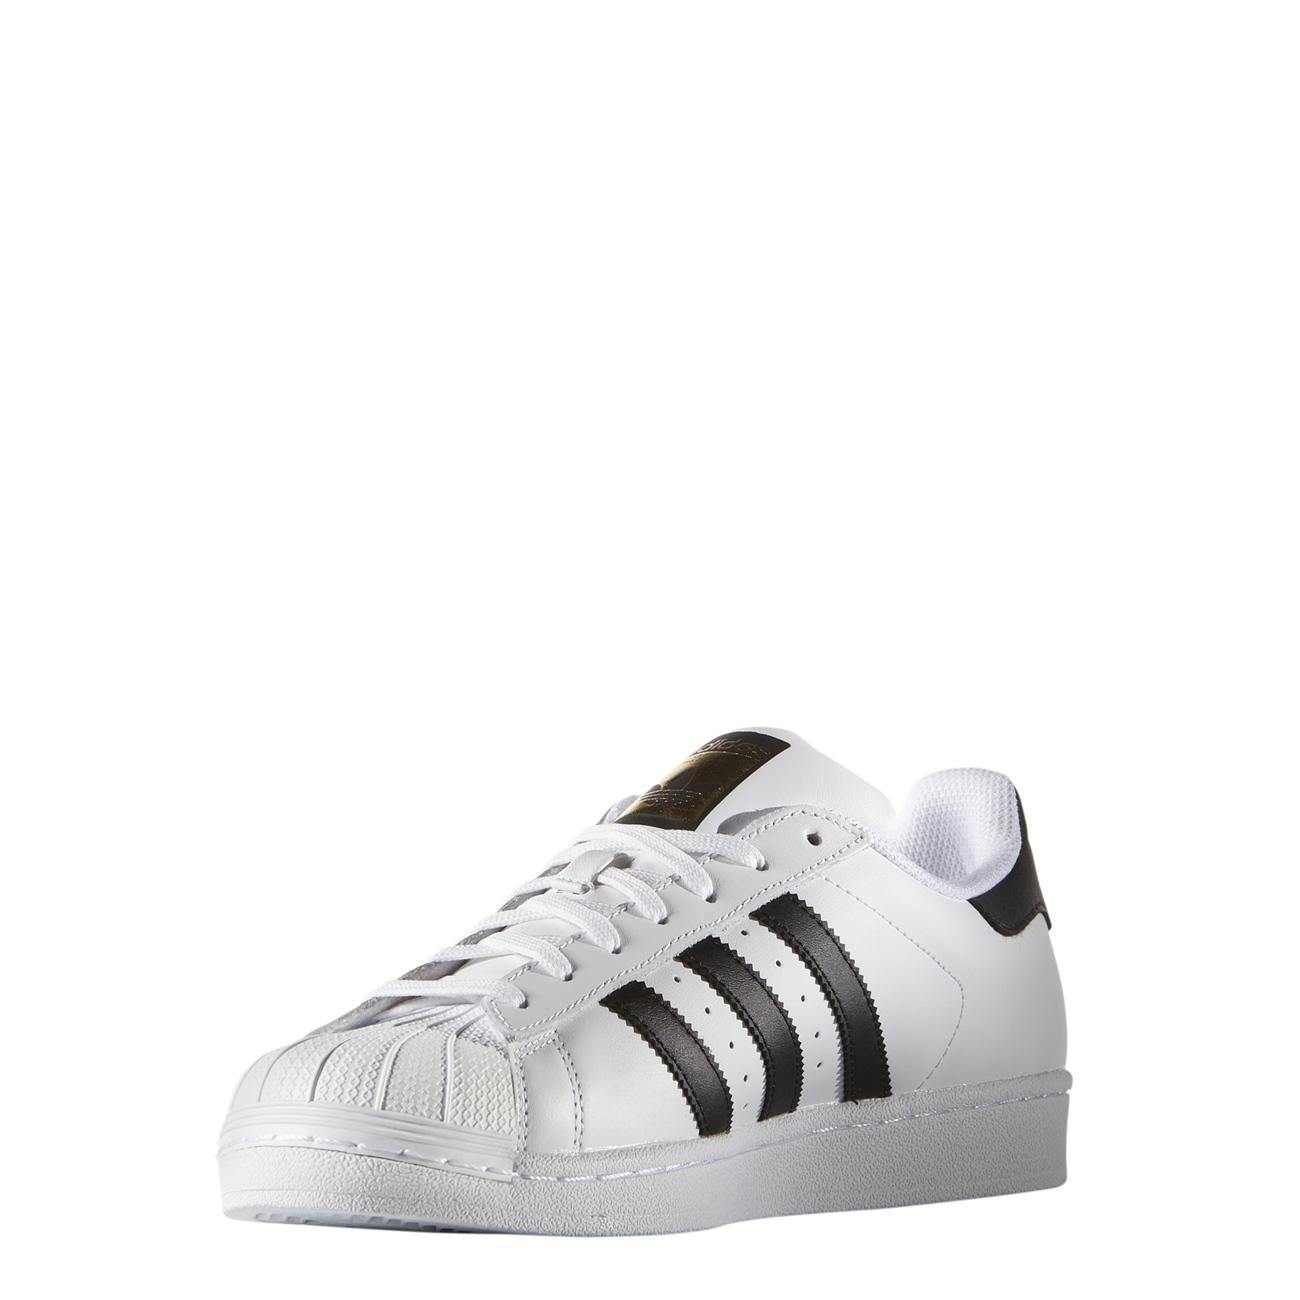 ADIDAS Originals Superstar weiss schwarz schwarz schwarz Old School Vintage Sneaker C77124 NEU 96cb2d